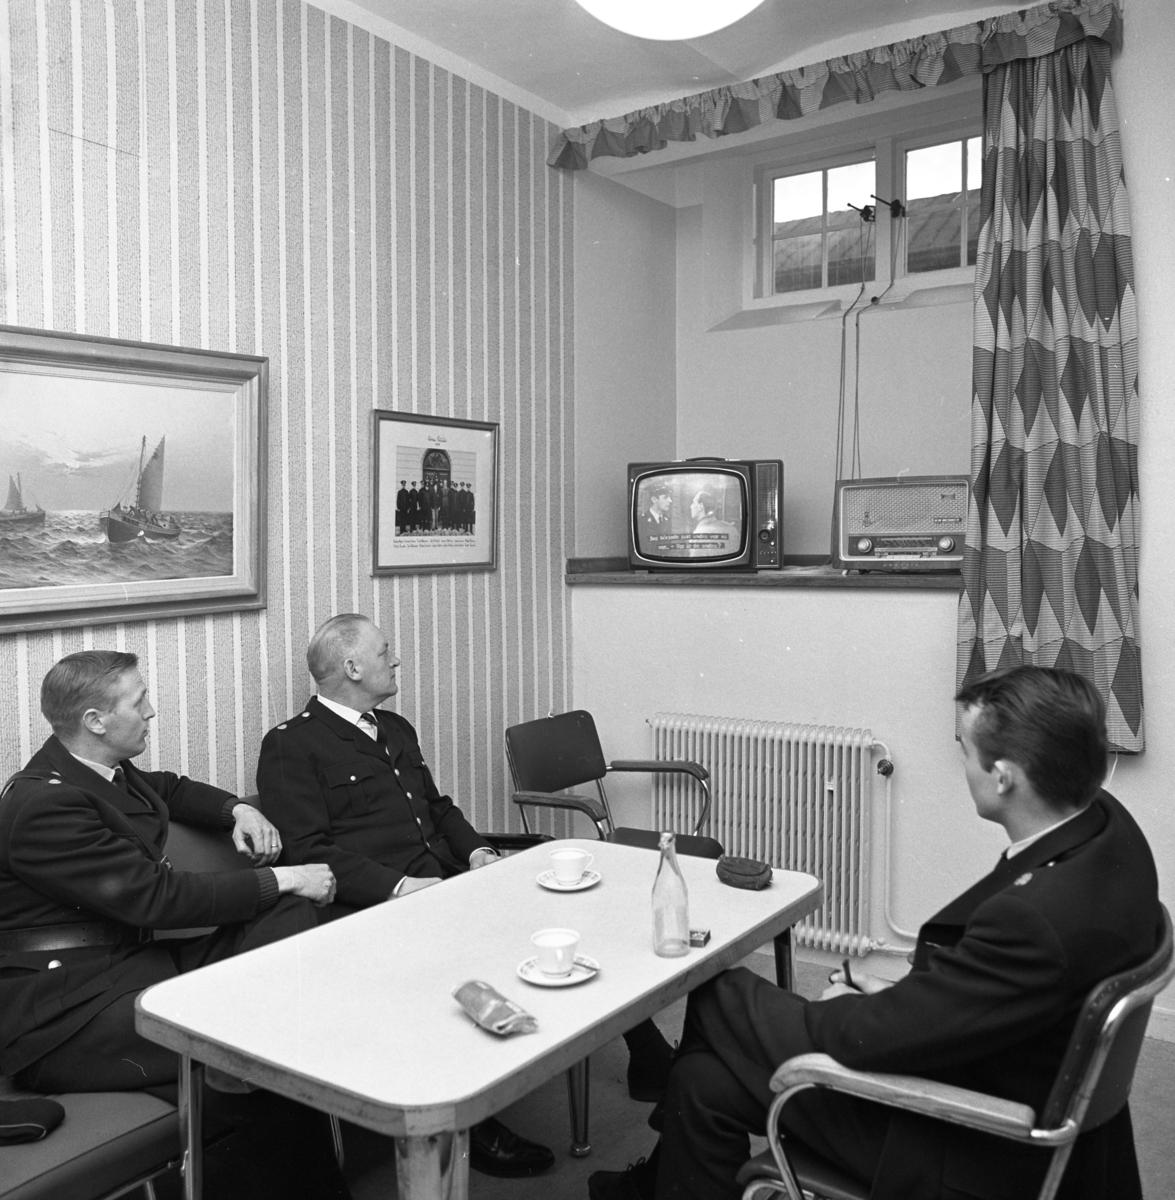 Nu finns det en TV-apparat i polisens dagrum! Tre uniformsklädda polismän sitter vid kaffebordet och ser en polisfilm på TV.  Från vänster: Bo Hammar, Gösta Brokvist och Jan Dovholt (med ryggen mot fotografen). TV´n står på fönsterbrädan. Där står även en radioapparat.